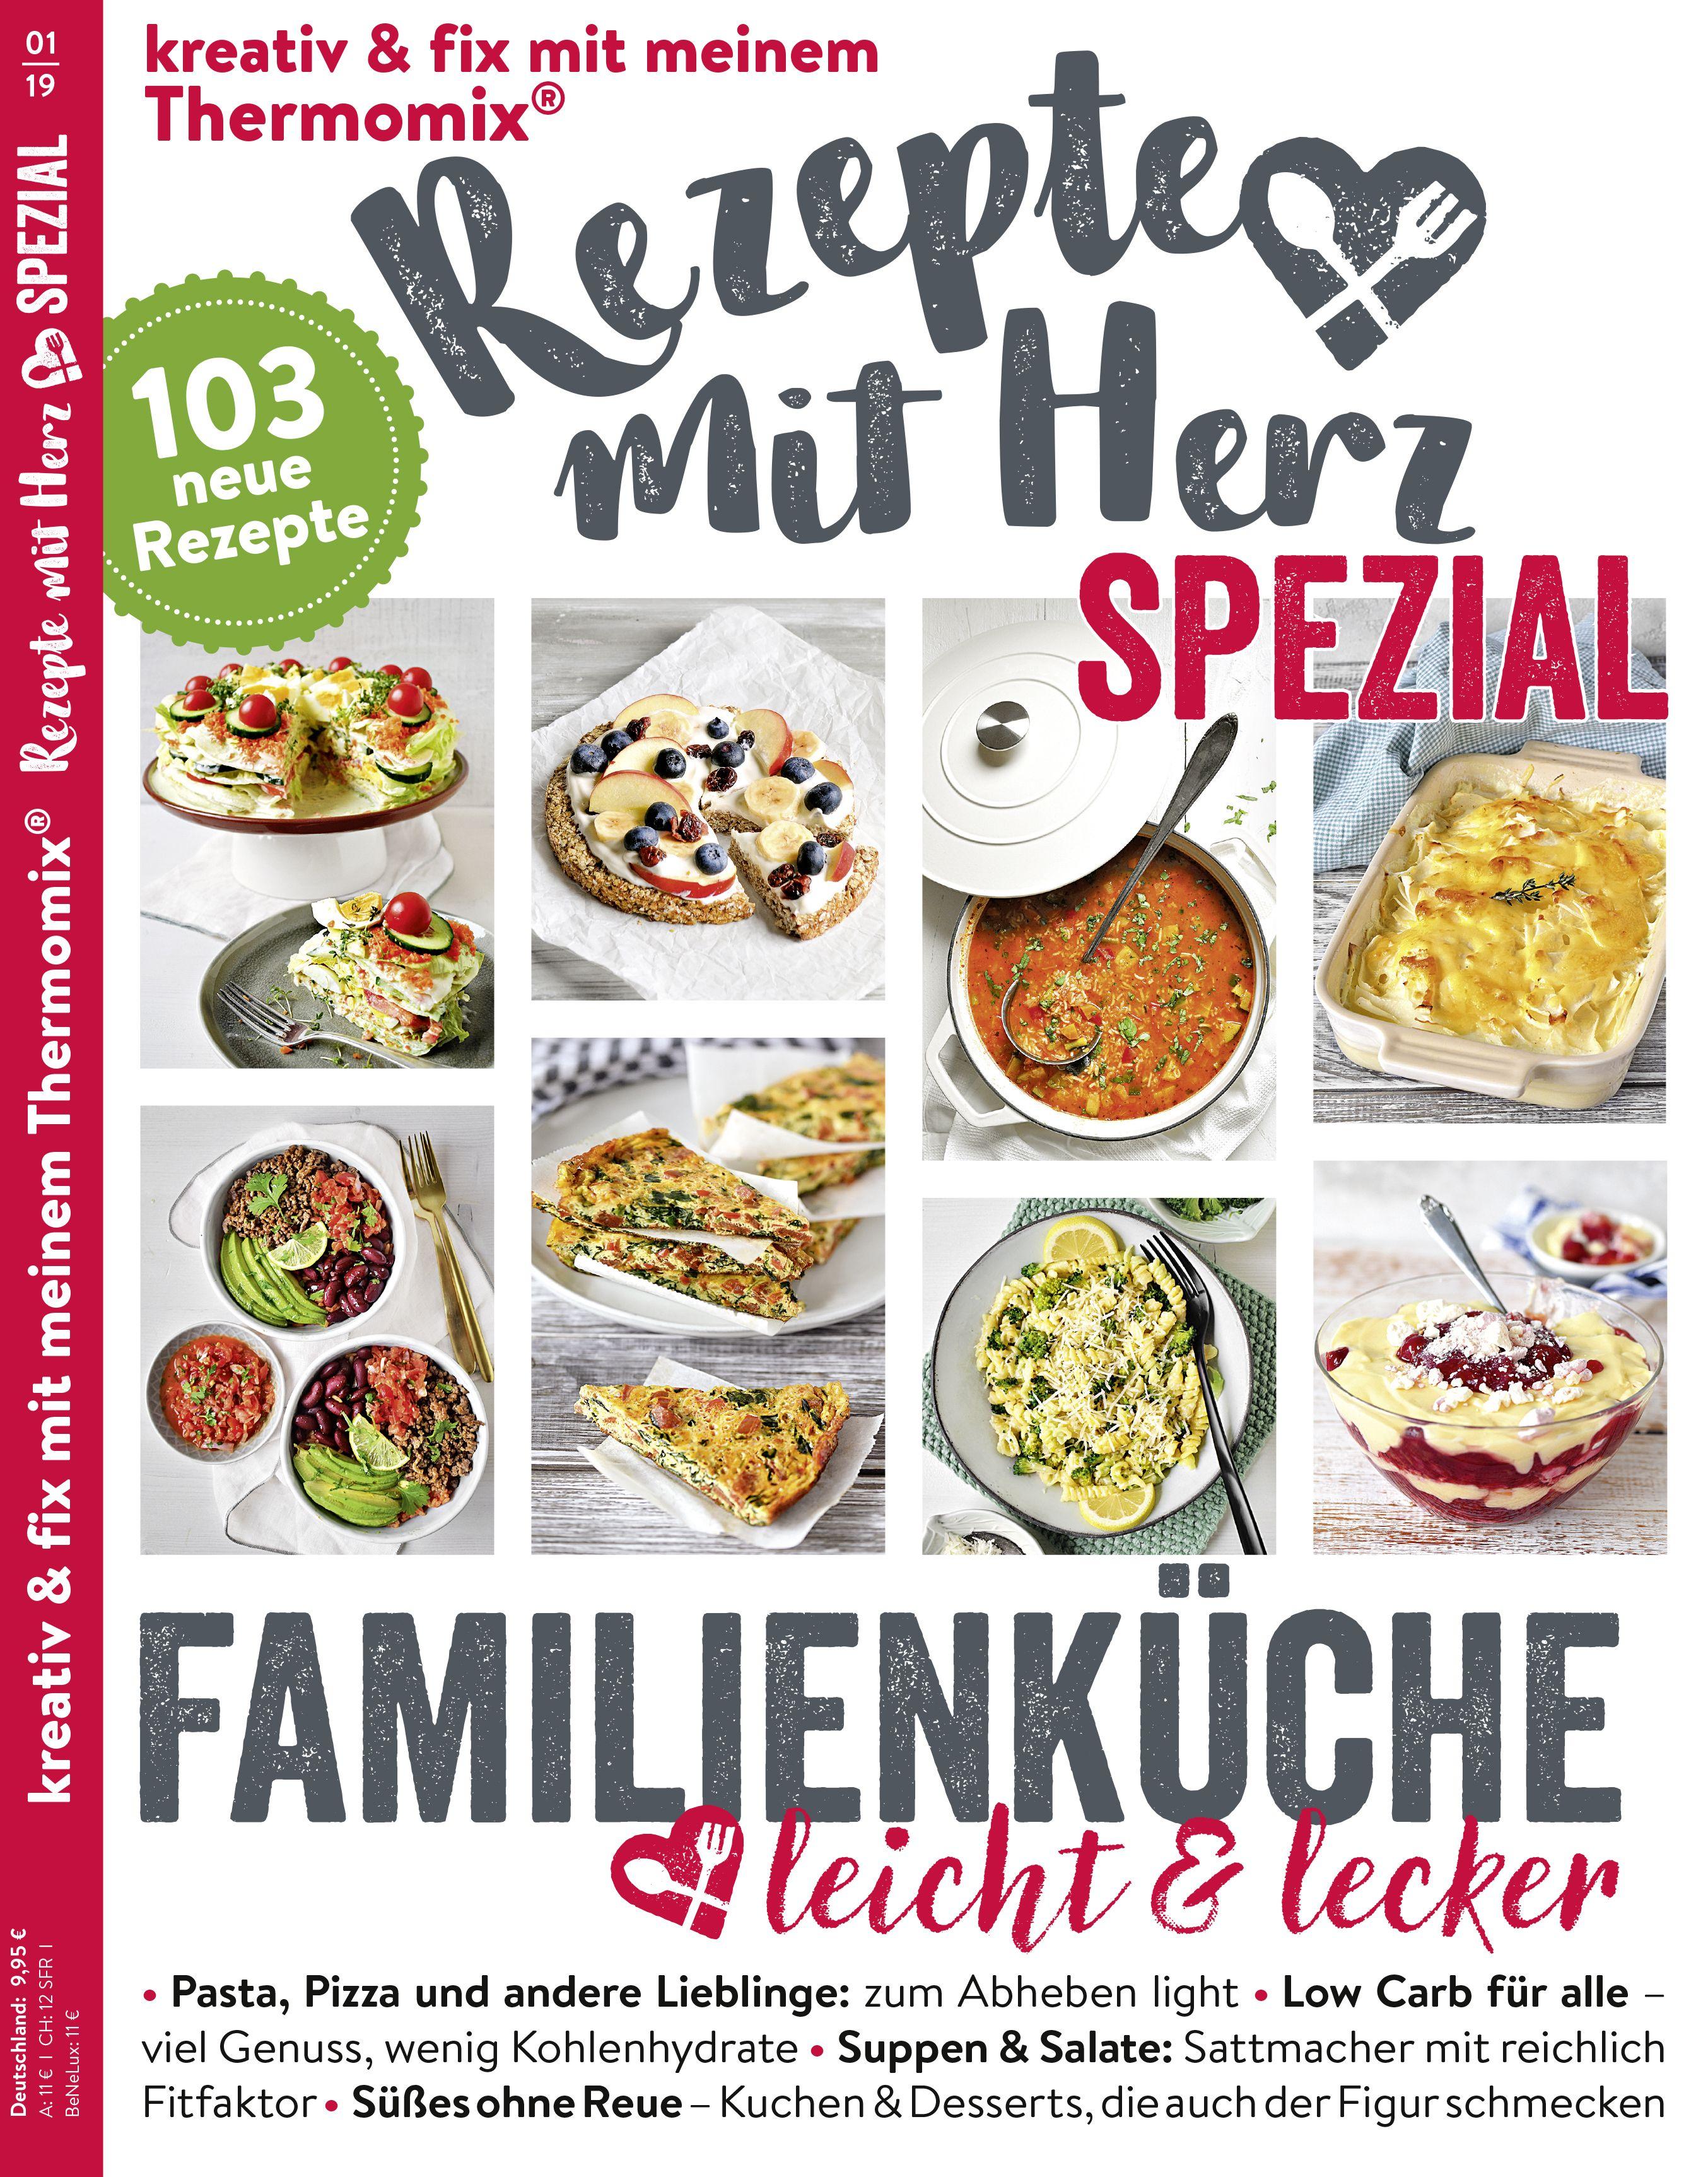 Leichte Gerichte Thermomix | Thermomix Tm5 Non Fried Reis Mit Gemüse ...